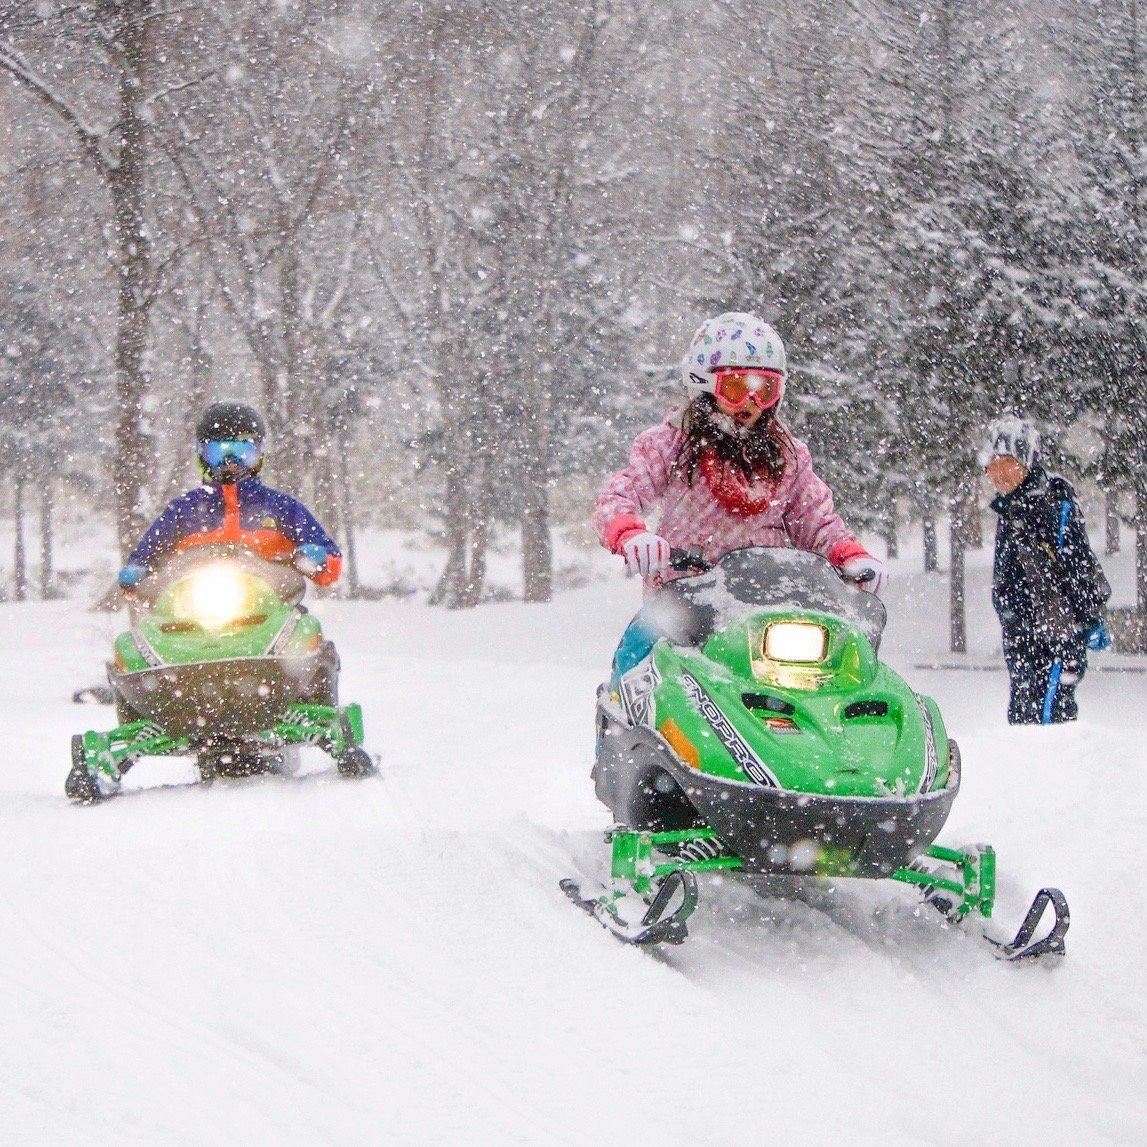 ニセコで子供用スノーモービルを運転する子供